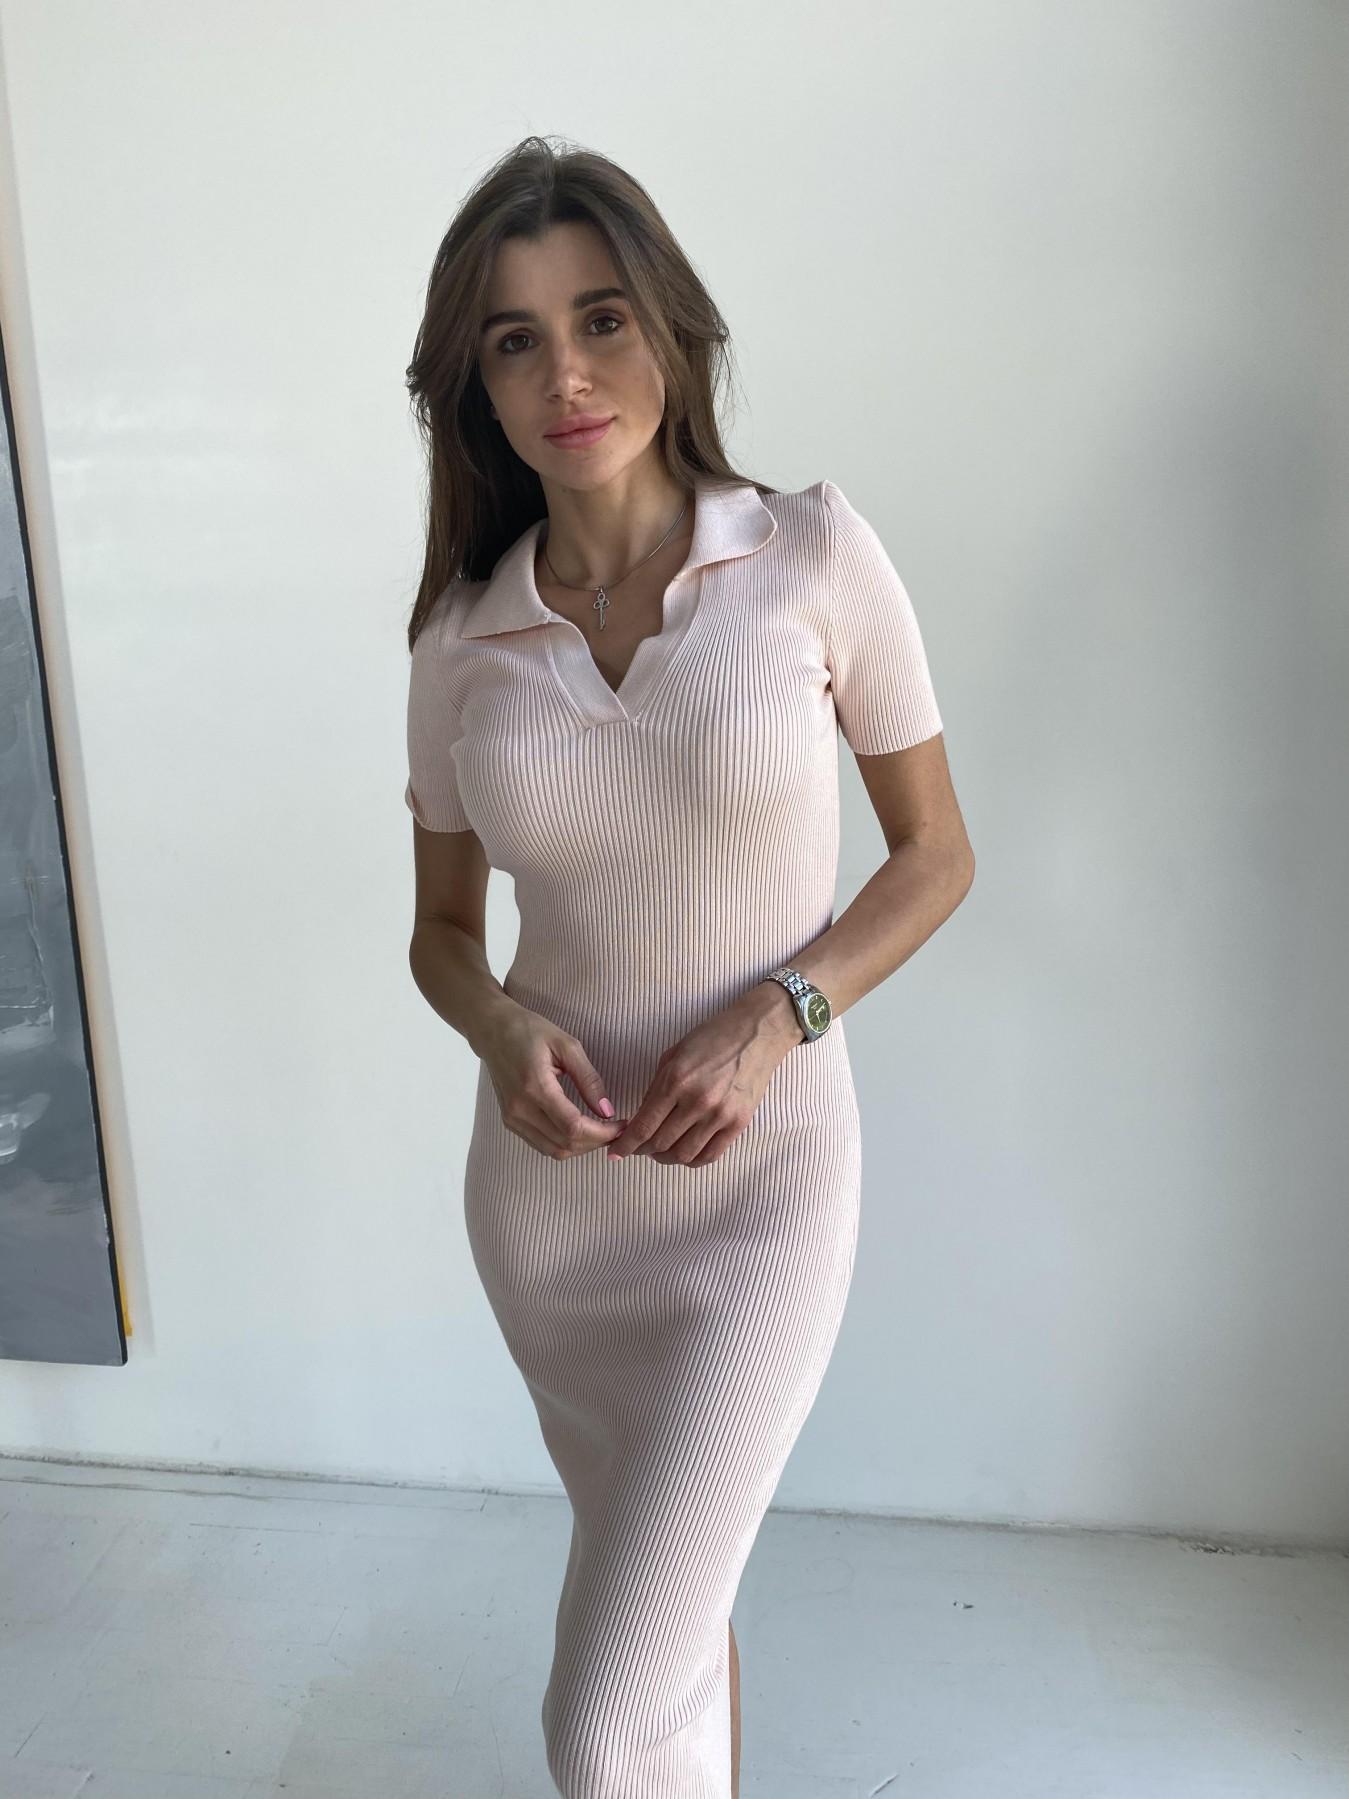 Платье воротник 91688 АРТ. 48068 Цвет: Пудра - фото 1, интернет магазин tm-modus.ru